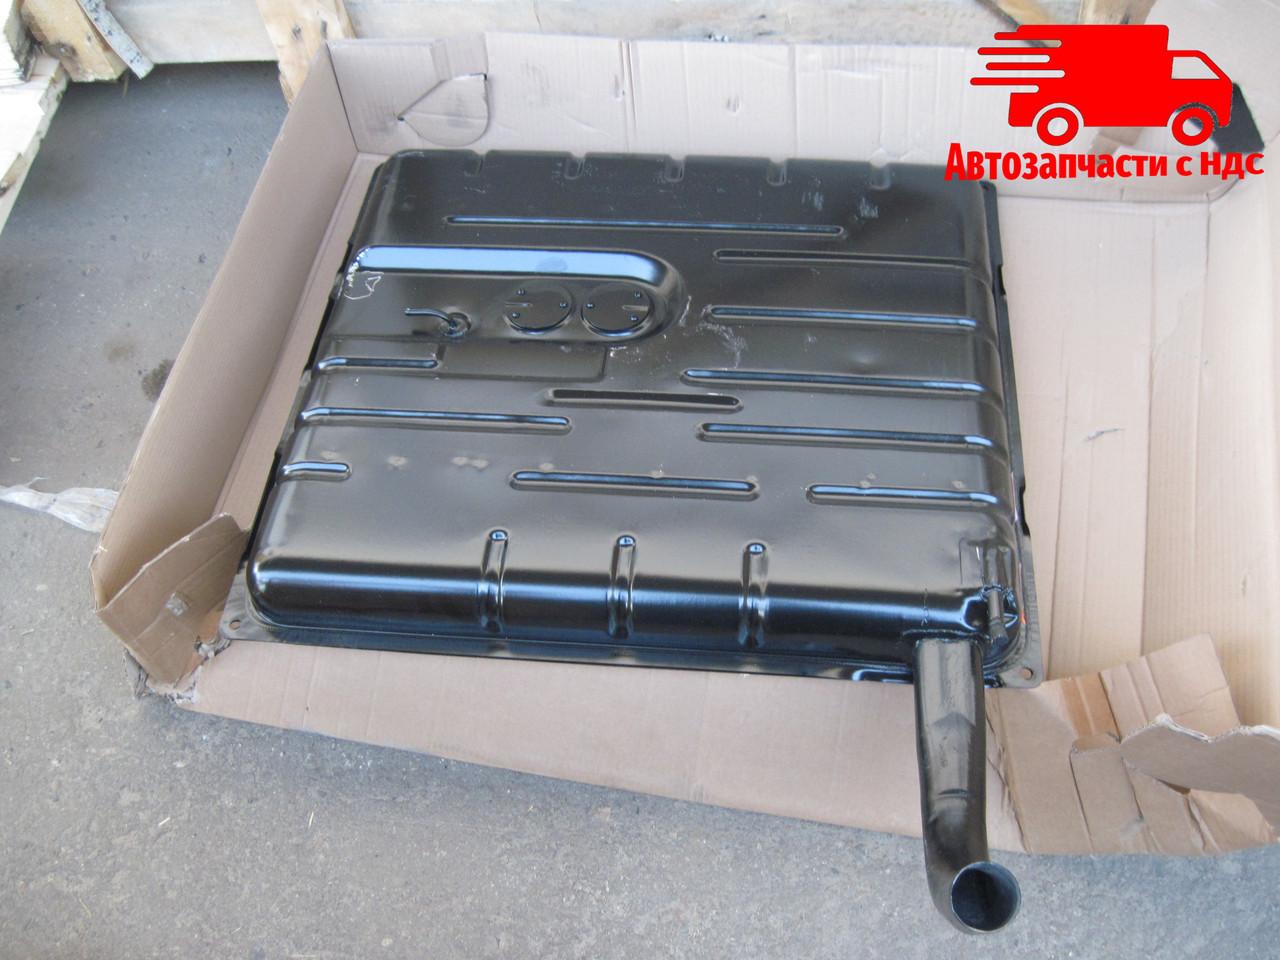 Бак топливный ВОЛГА ГАЗ 2410 55л (пр-во ГАЗ). 24-1101010-01. Ціна з ПДВ.